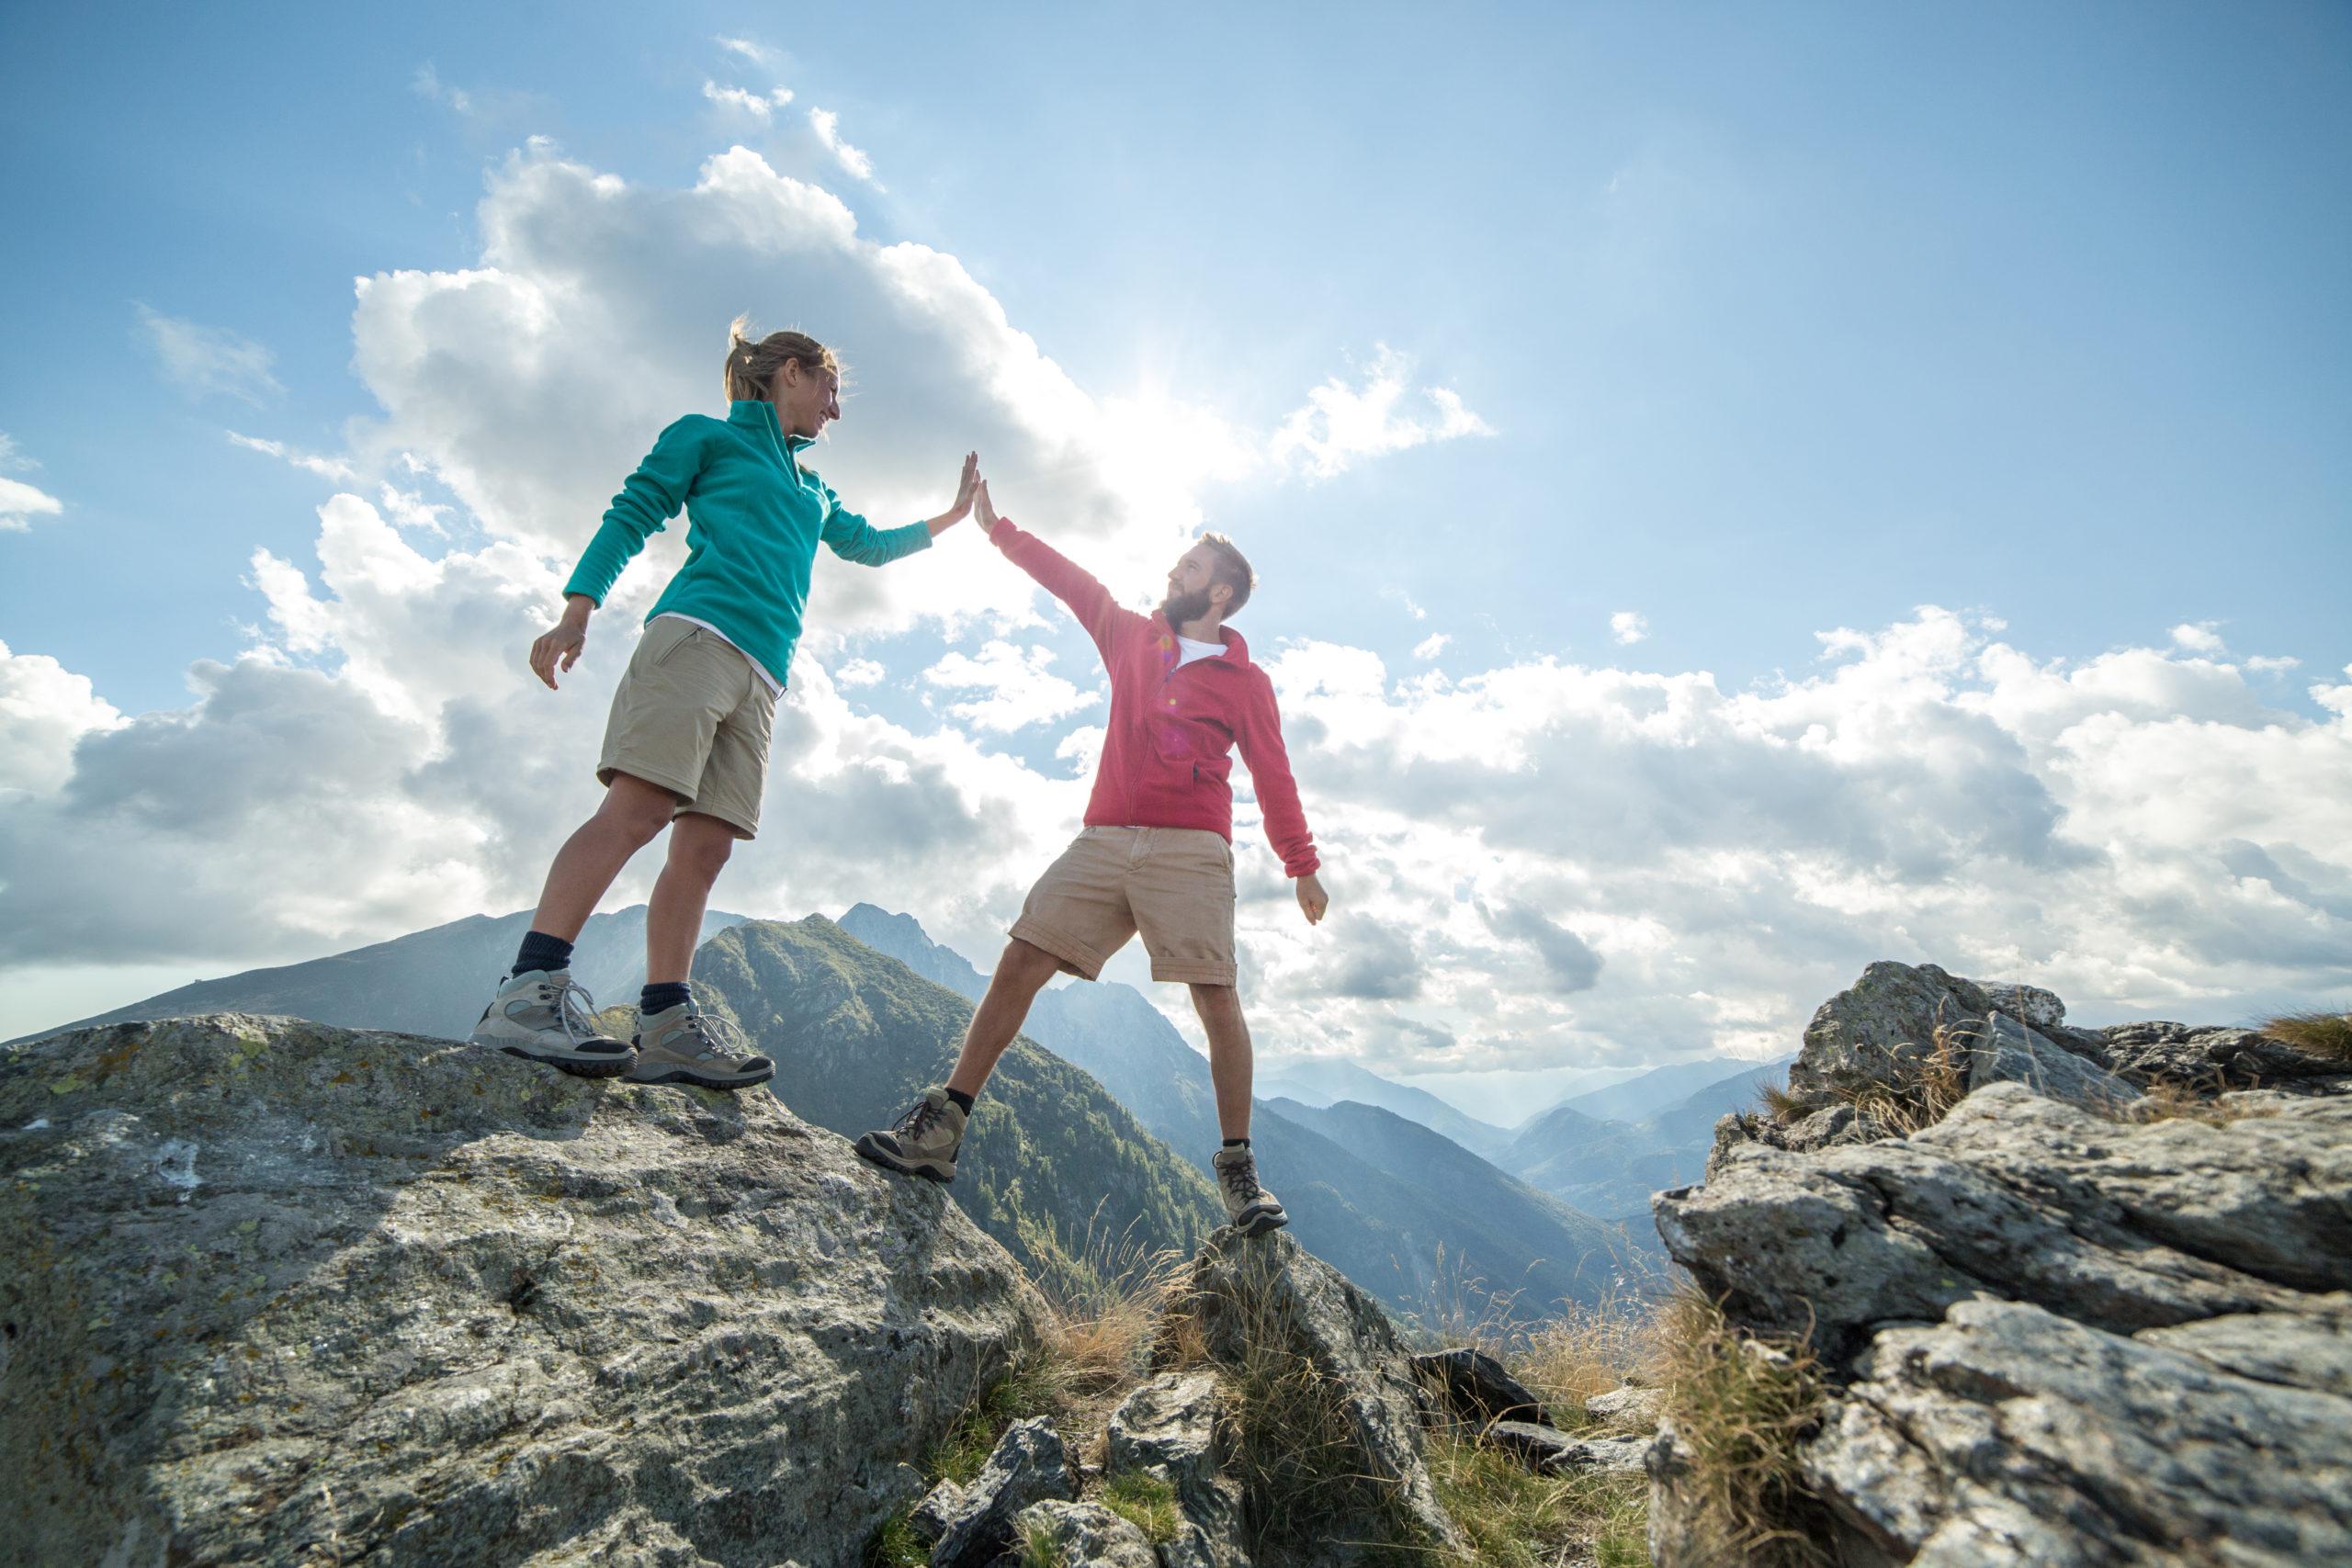 Ein Wanderpaar erreicht feiernd den Gipfel des Berges, high five